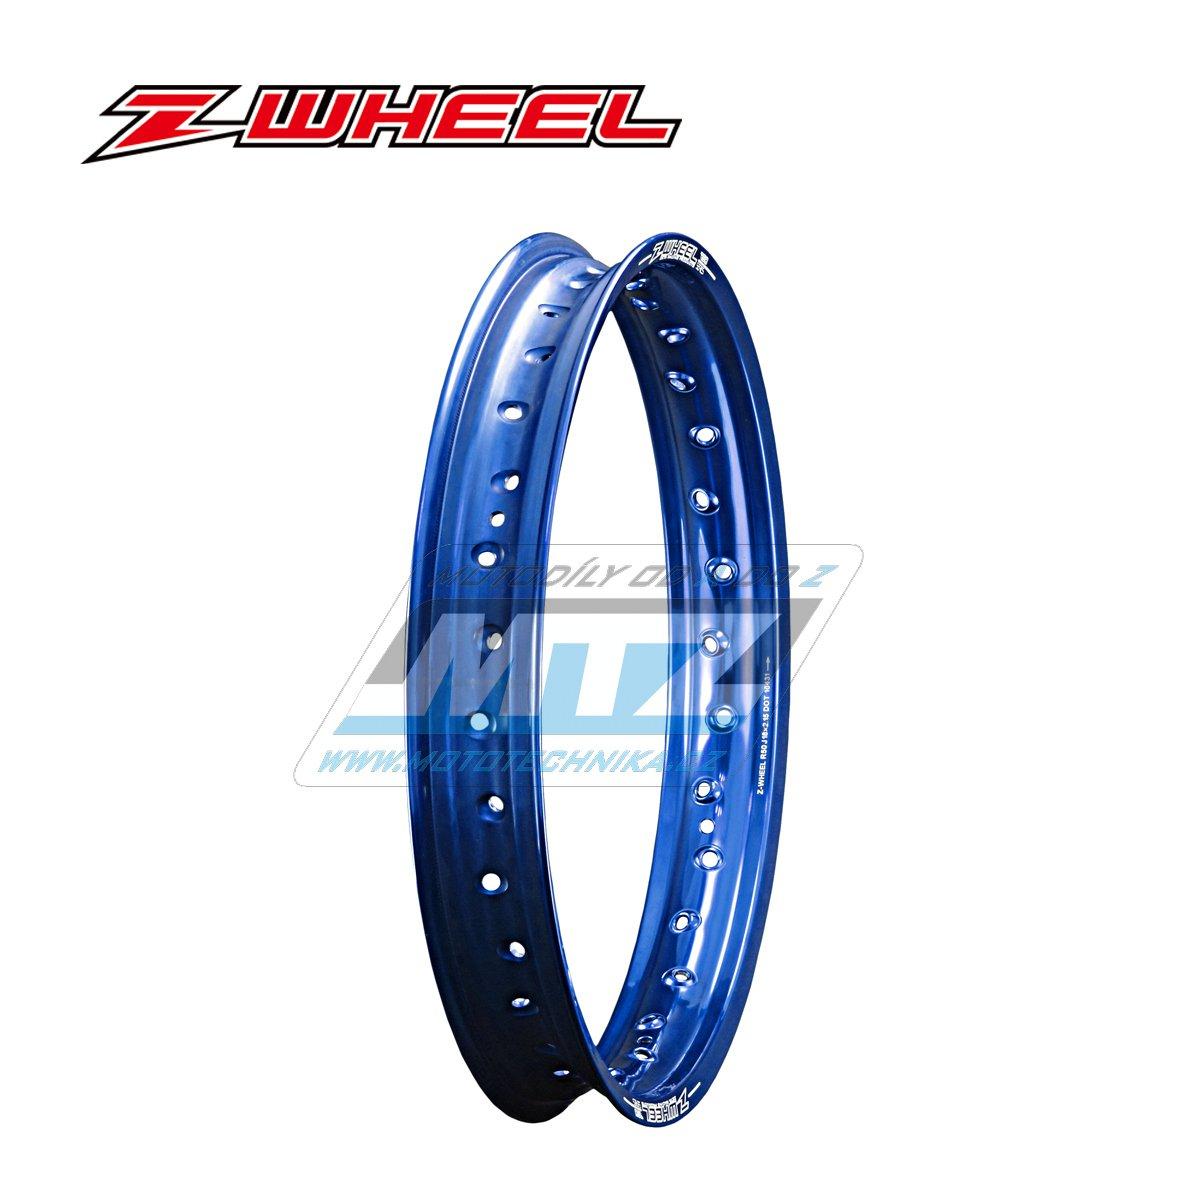 """Ráfek zadní Zeta Z-WHEEL - rozměr 2,15x19"""" - 36H (předvrtaný 36otvorů) - modrý"""